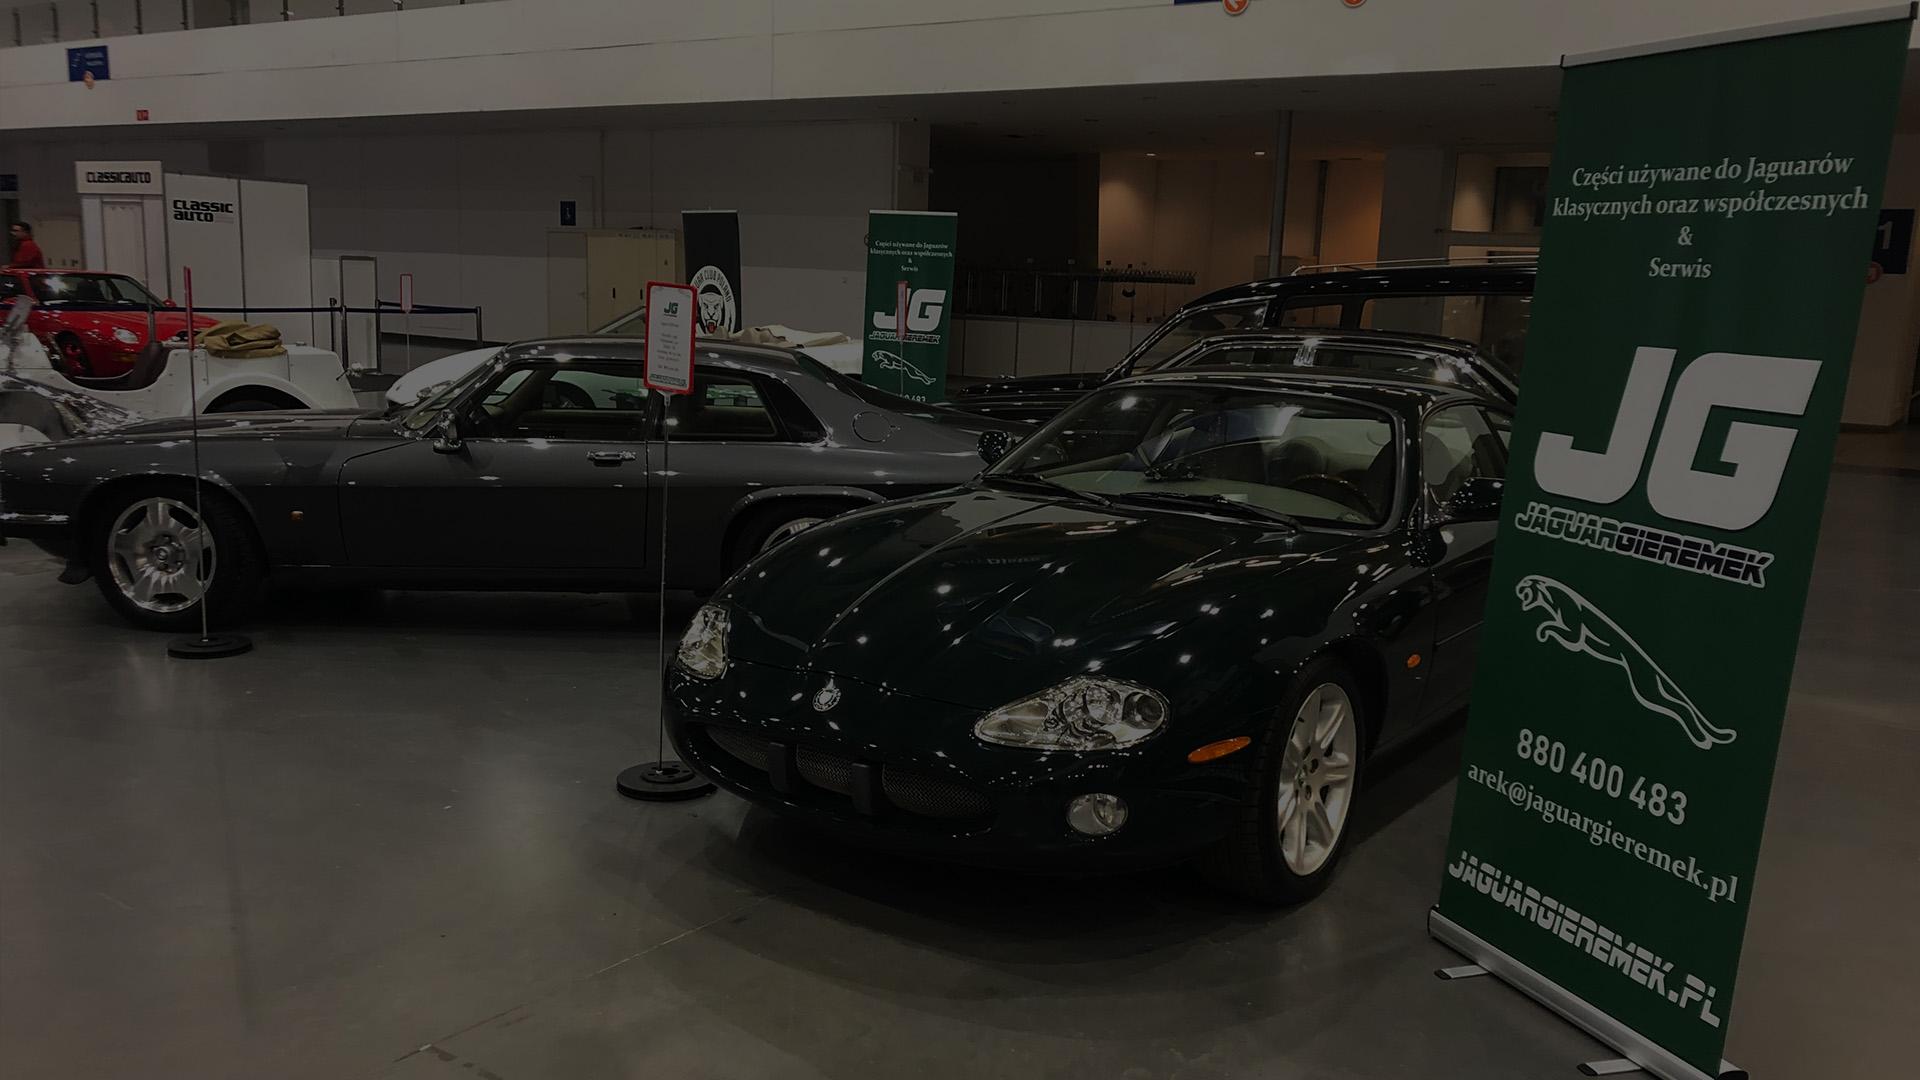 Nieautoryzowany serwis Jaguara